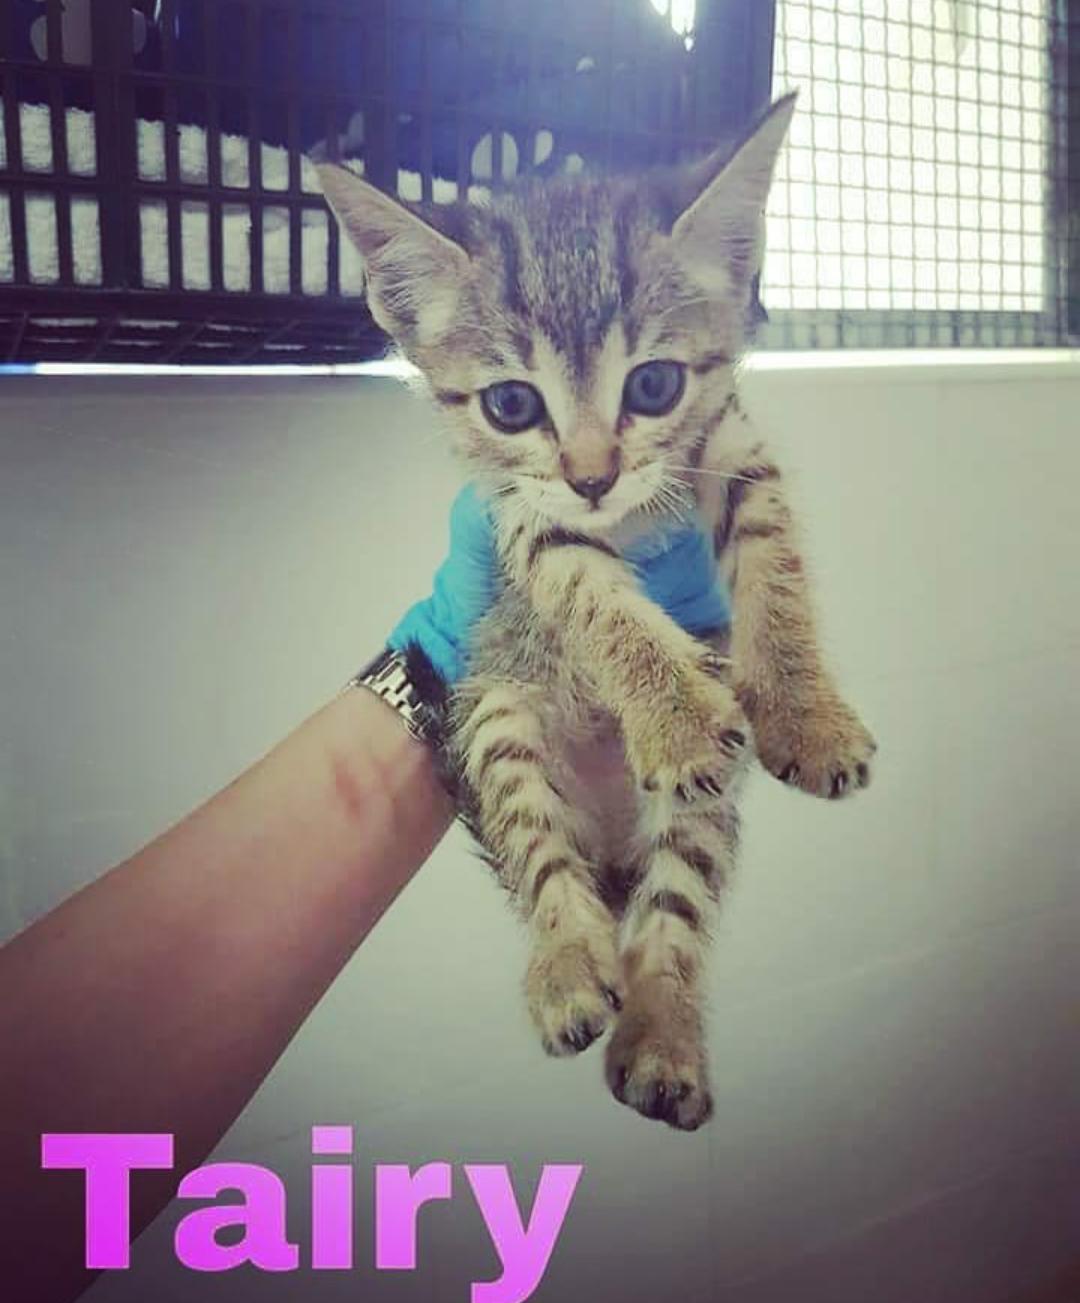 TAIRY